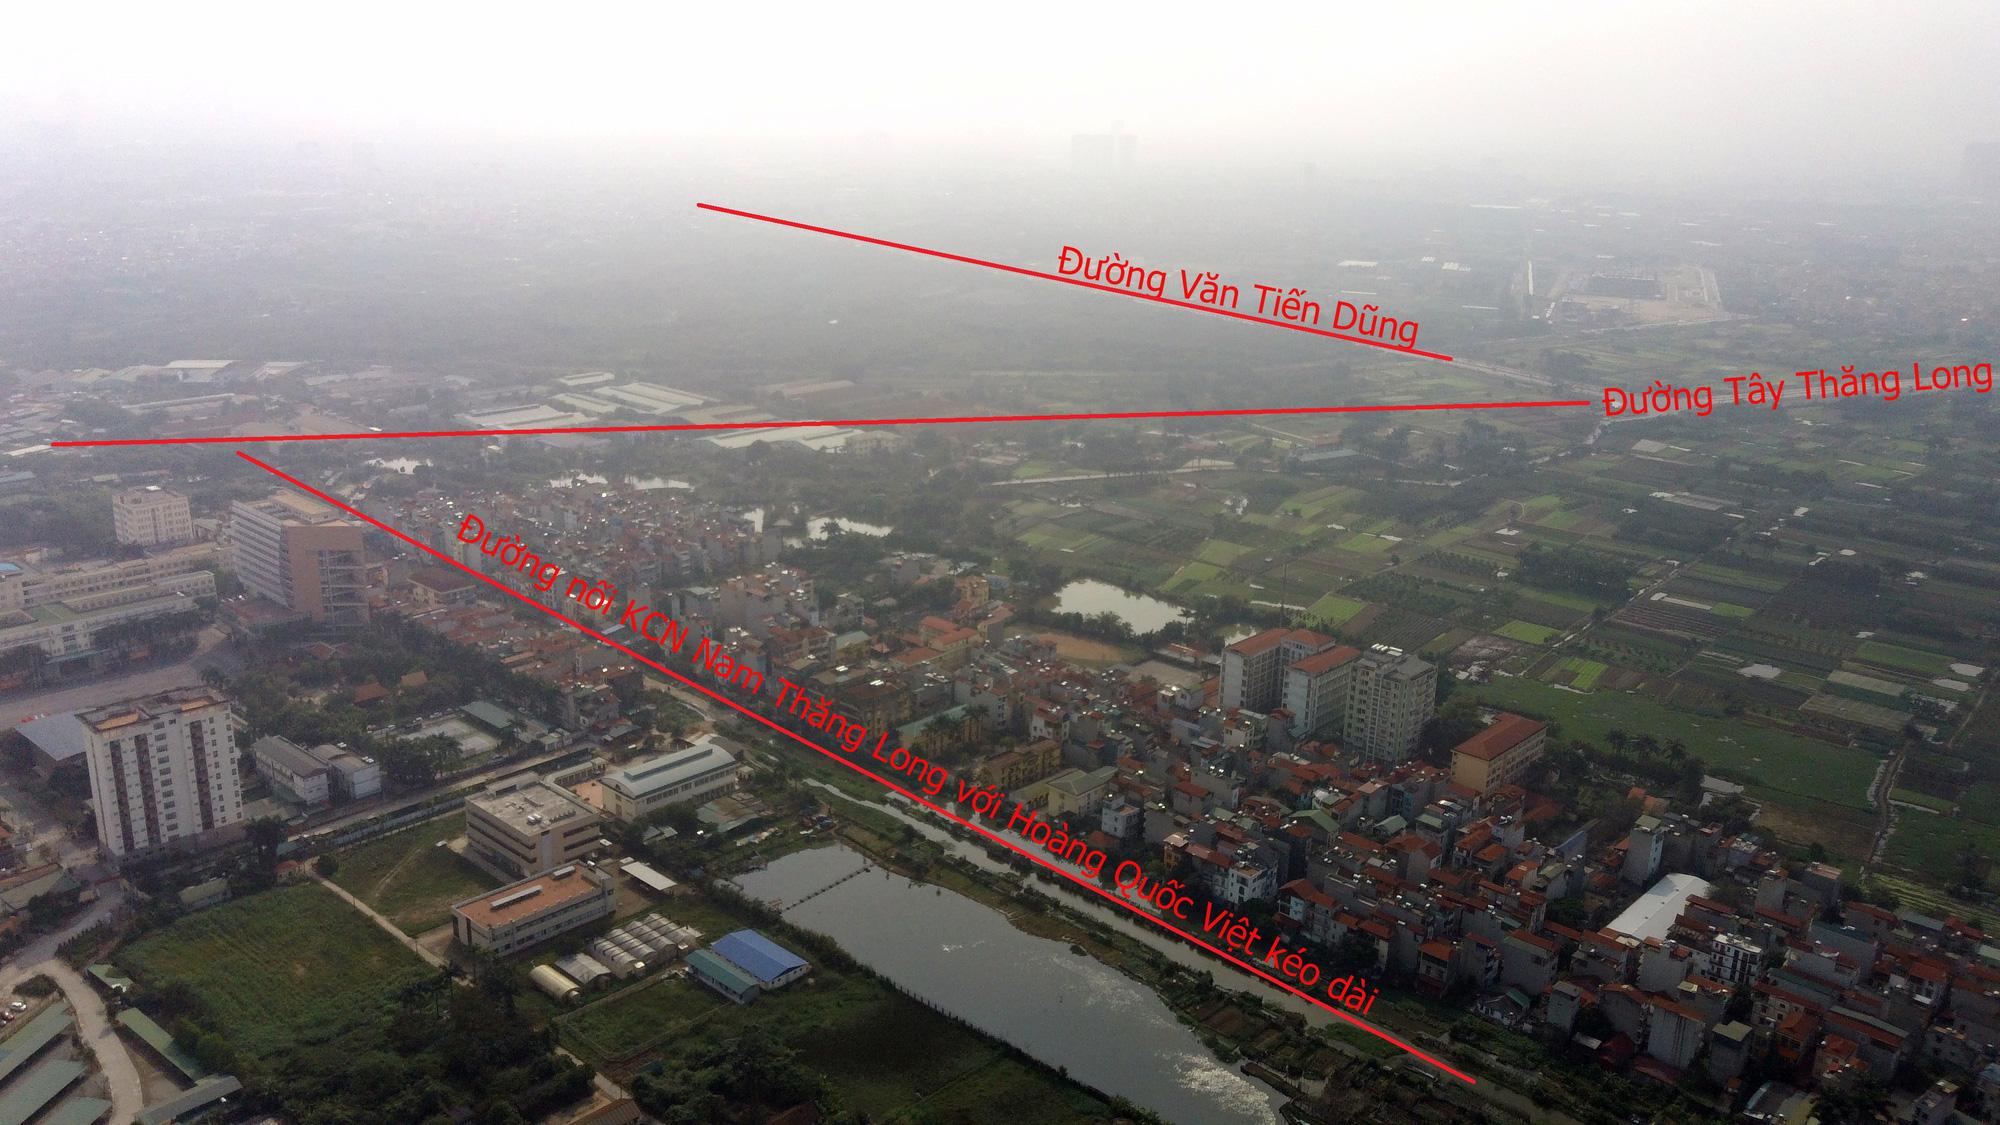 Những dự án 'đón' qui hoạch đường hướng tâm Tây Thăng Long từ Vành đai 4 đến hồ Tây - Ảnh 11.